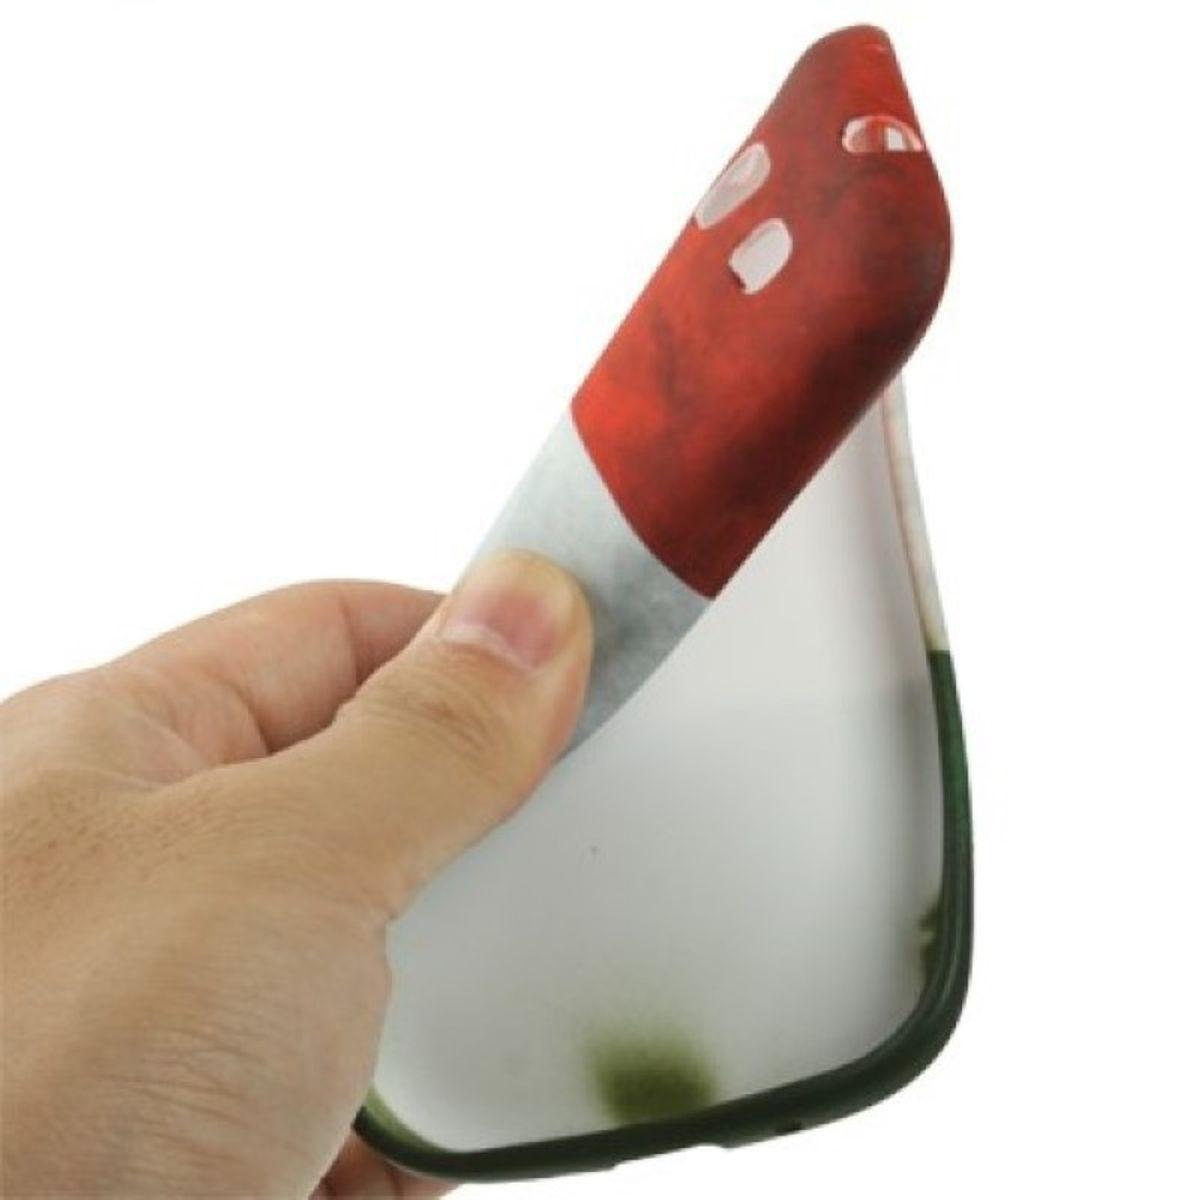 Schutzhülle TPU Case für Handy Samsung I9300 Galaxy S3 Italien